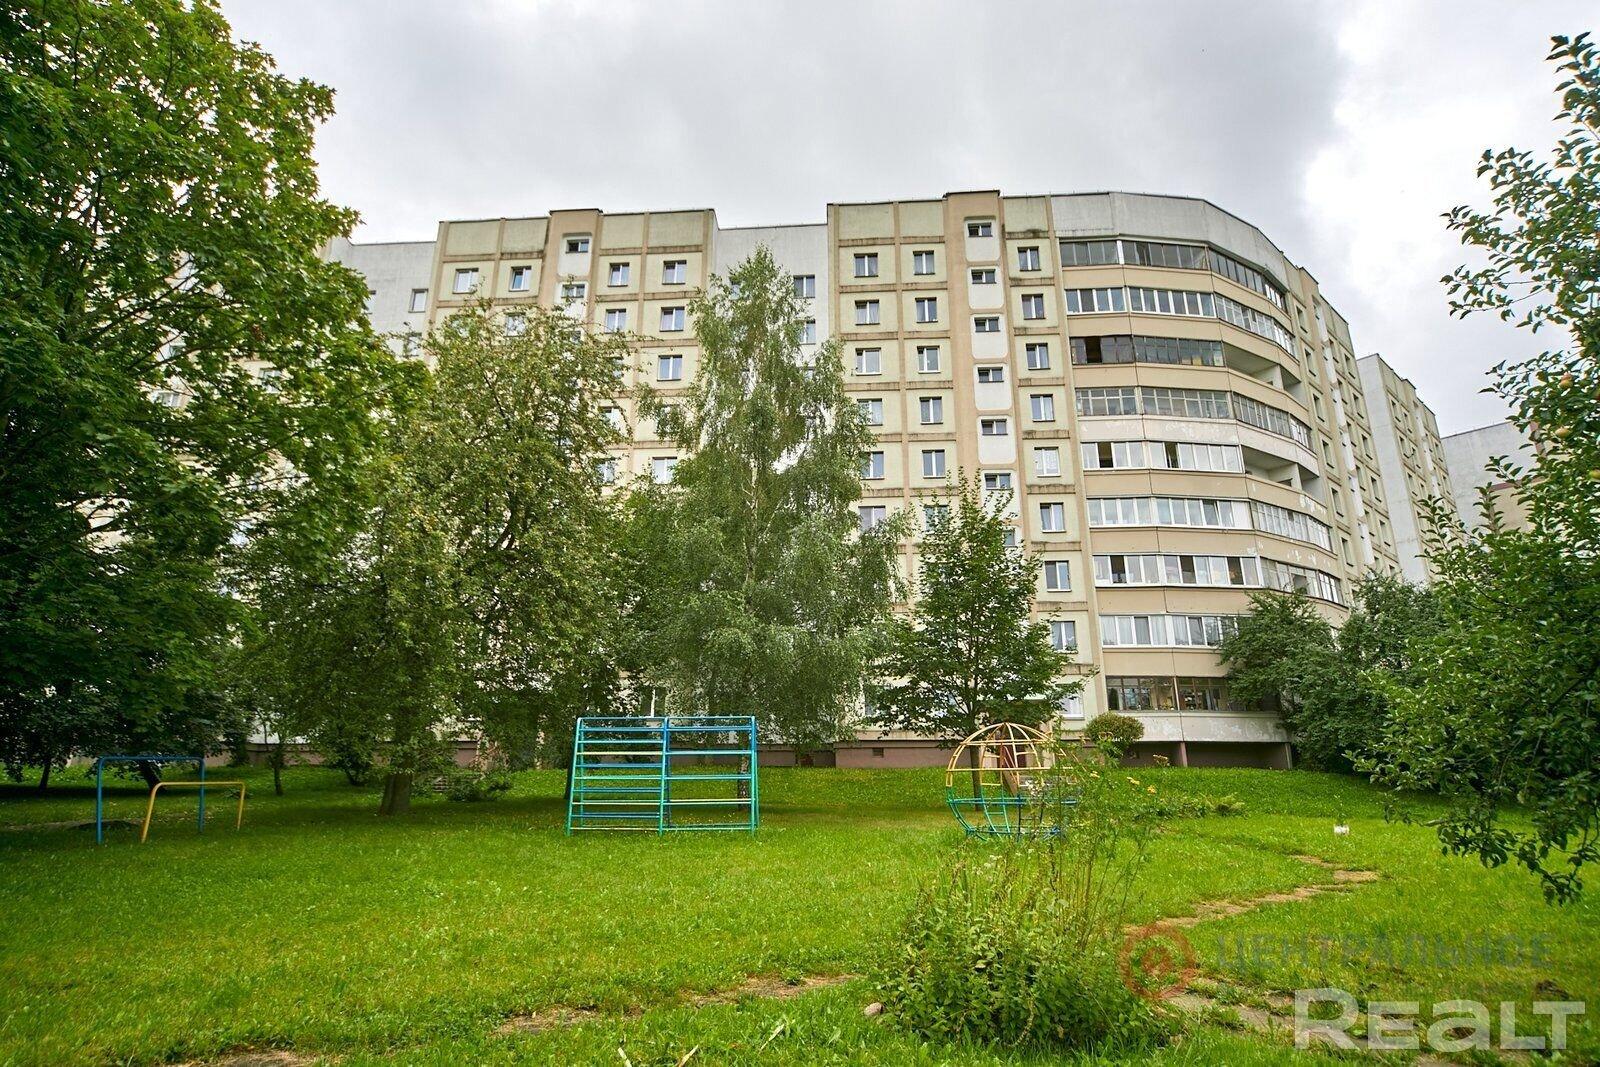 Продается 2-х комнатная квартира, ул. Менделеева д.30 - фото №14